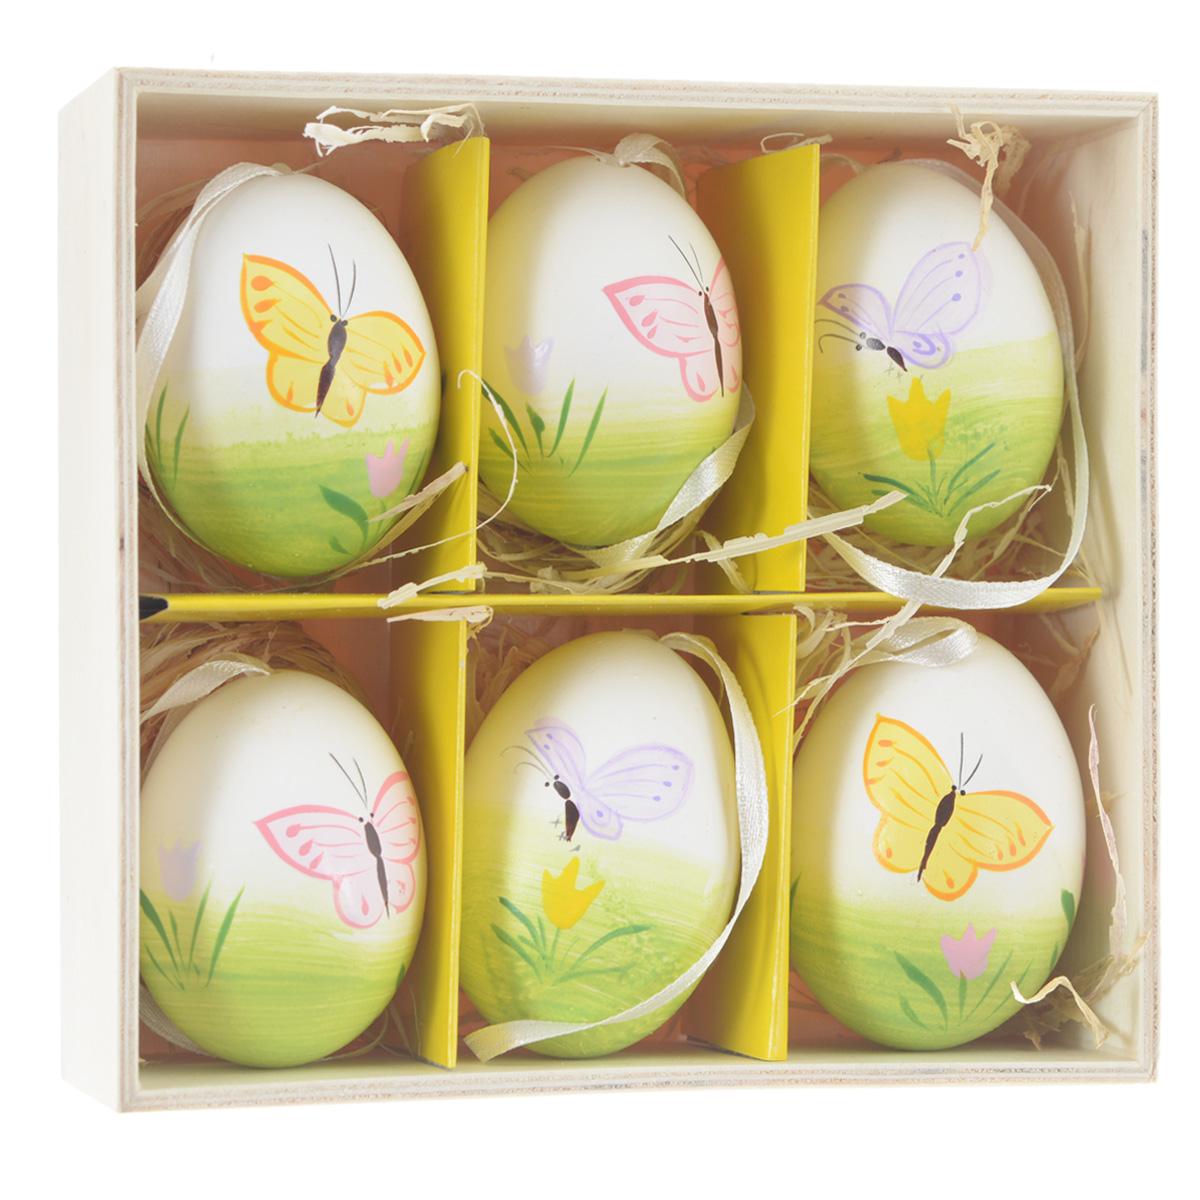 Декоративные подвесные пасхальные яйца Феникс-презент, 6 шт. 3690436904Декоративные подвесные пасхальные яйца Феникс-презент отлично подойдут для декорации вашего дома к Пасхе. Изделия выполнены из натуральной скорлупы куриного яйца и декорированы изображением бабочек и цветов. Украшения оснащены специальными текстильными петельками для подвешивания. В комплекте - 6 пасхальных яиц, которые располагаются в деревянном ящике с подложкой из лыка. Яйцо - это главный символ Пасхи, который означает для христиан новую жизнь и возрождение. Создайте в своем доме атмосферу праздника, украшая его декоративными пасхальными яйцами. Материал: скорлупа куриного яйца, текстиль, лыко. Размер яйца: 4 см х 4 см х 5,5 см.